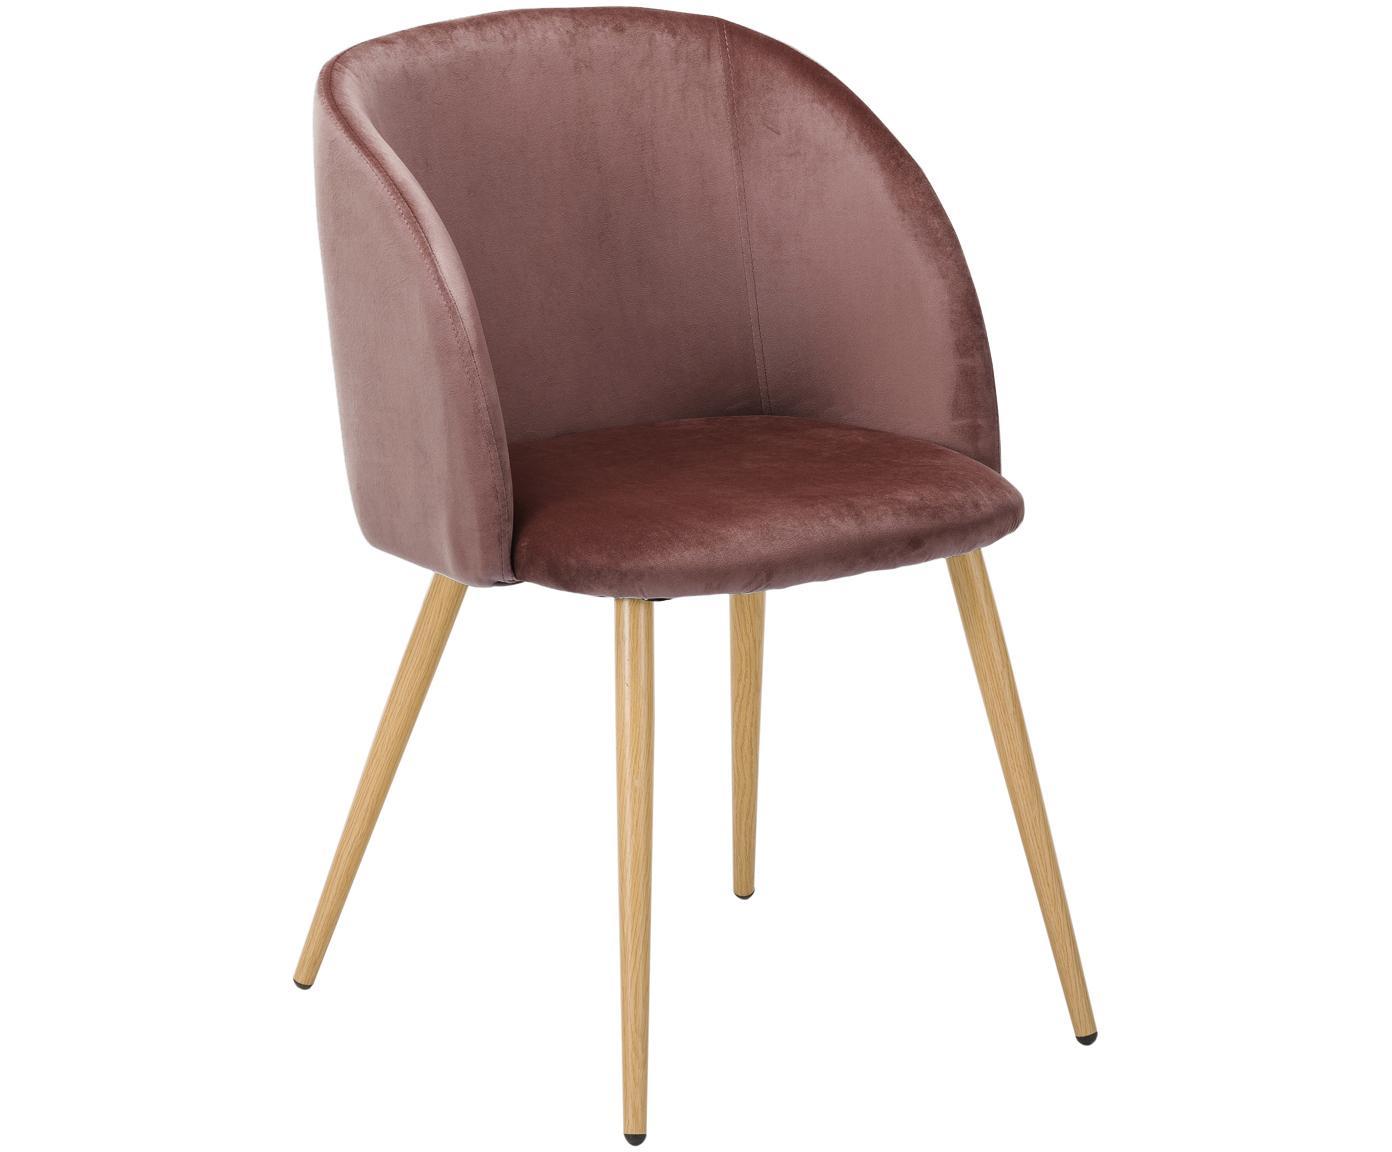 Sedia imbottita in velluto Yoki 2 pz, Rivestimento: velluto (poliestere) 20.0, Gambe: metallo effetto rovere, Velluto rosa cipria, gambe legno di quercia, Larg. 53 x Prof. 57 cm